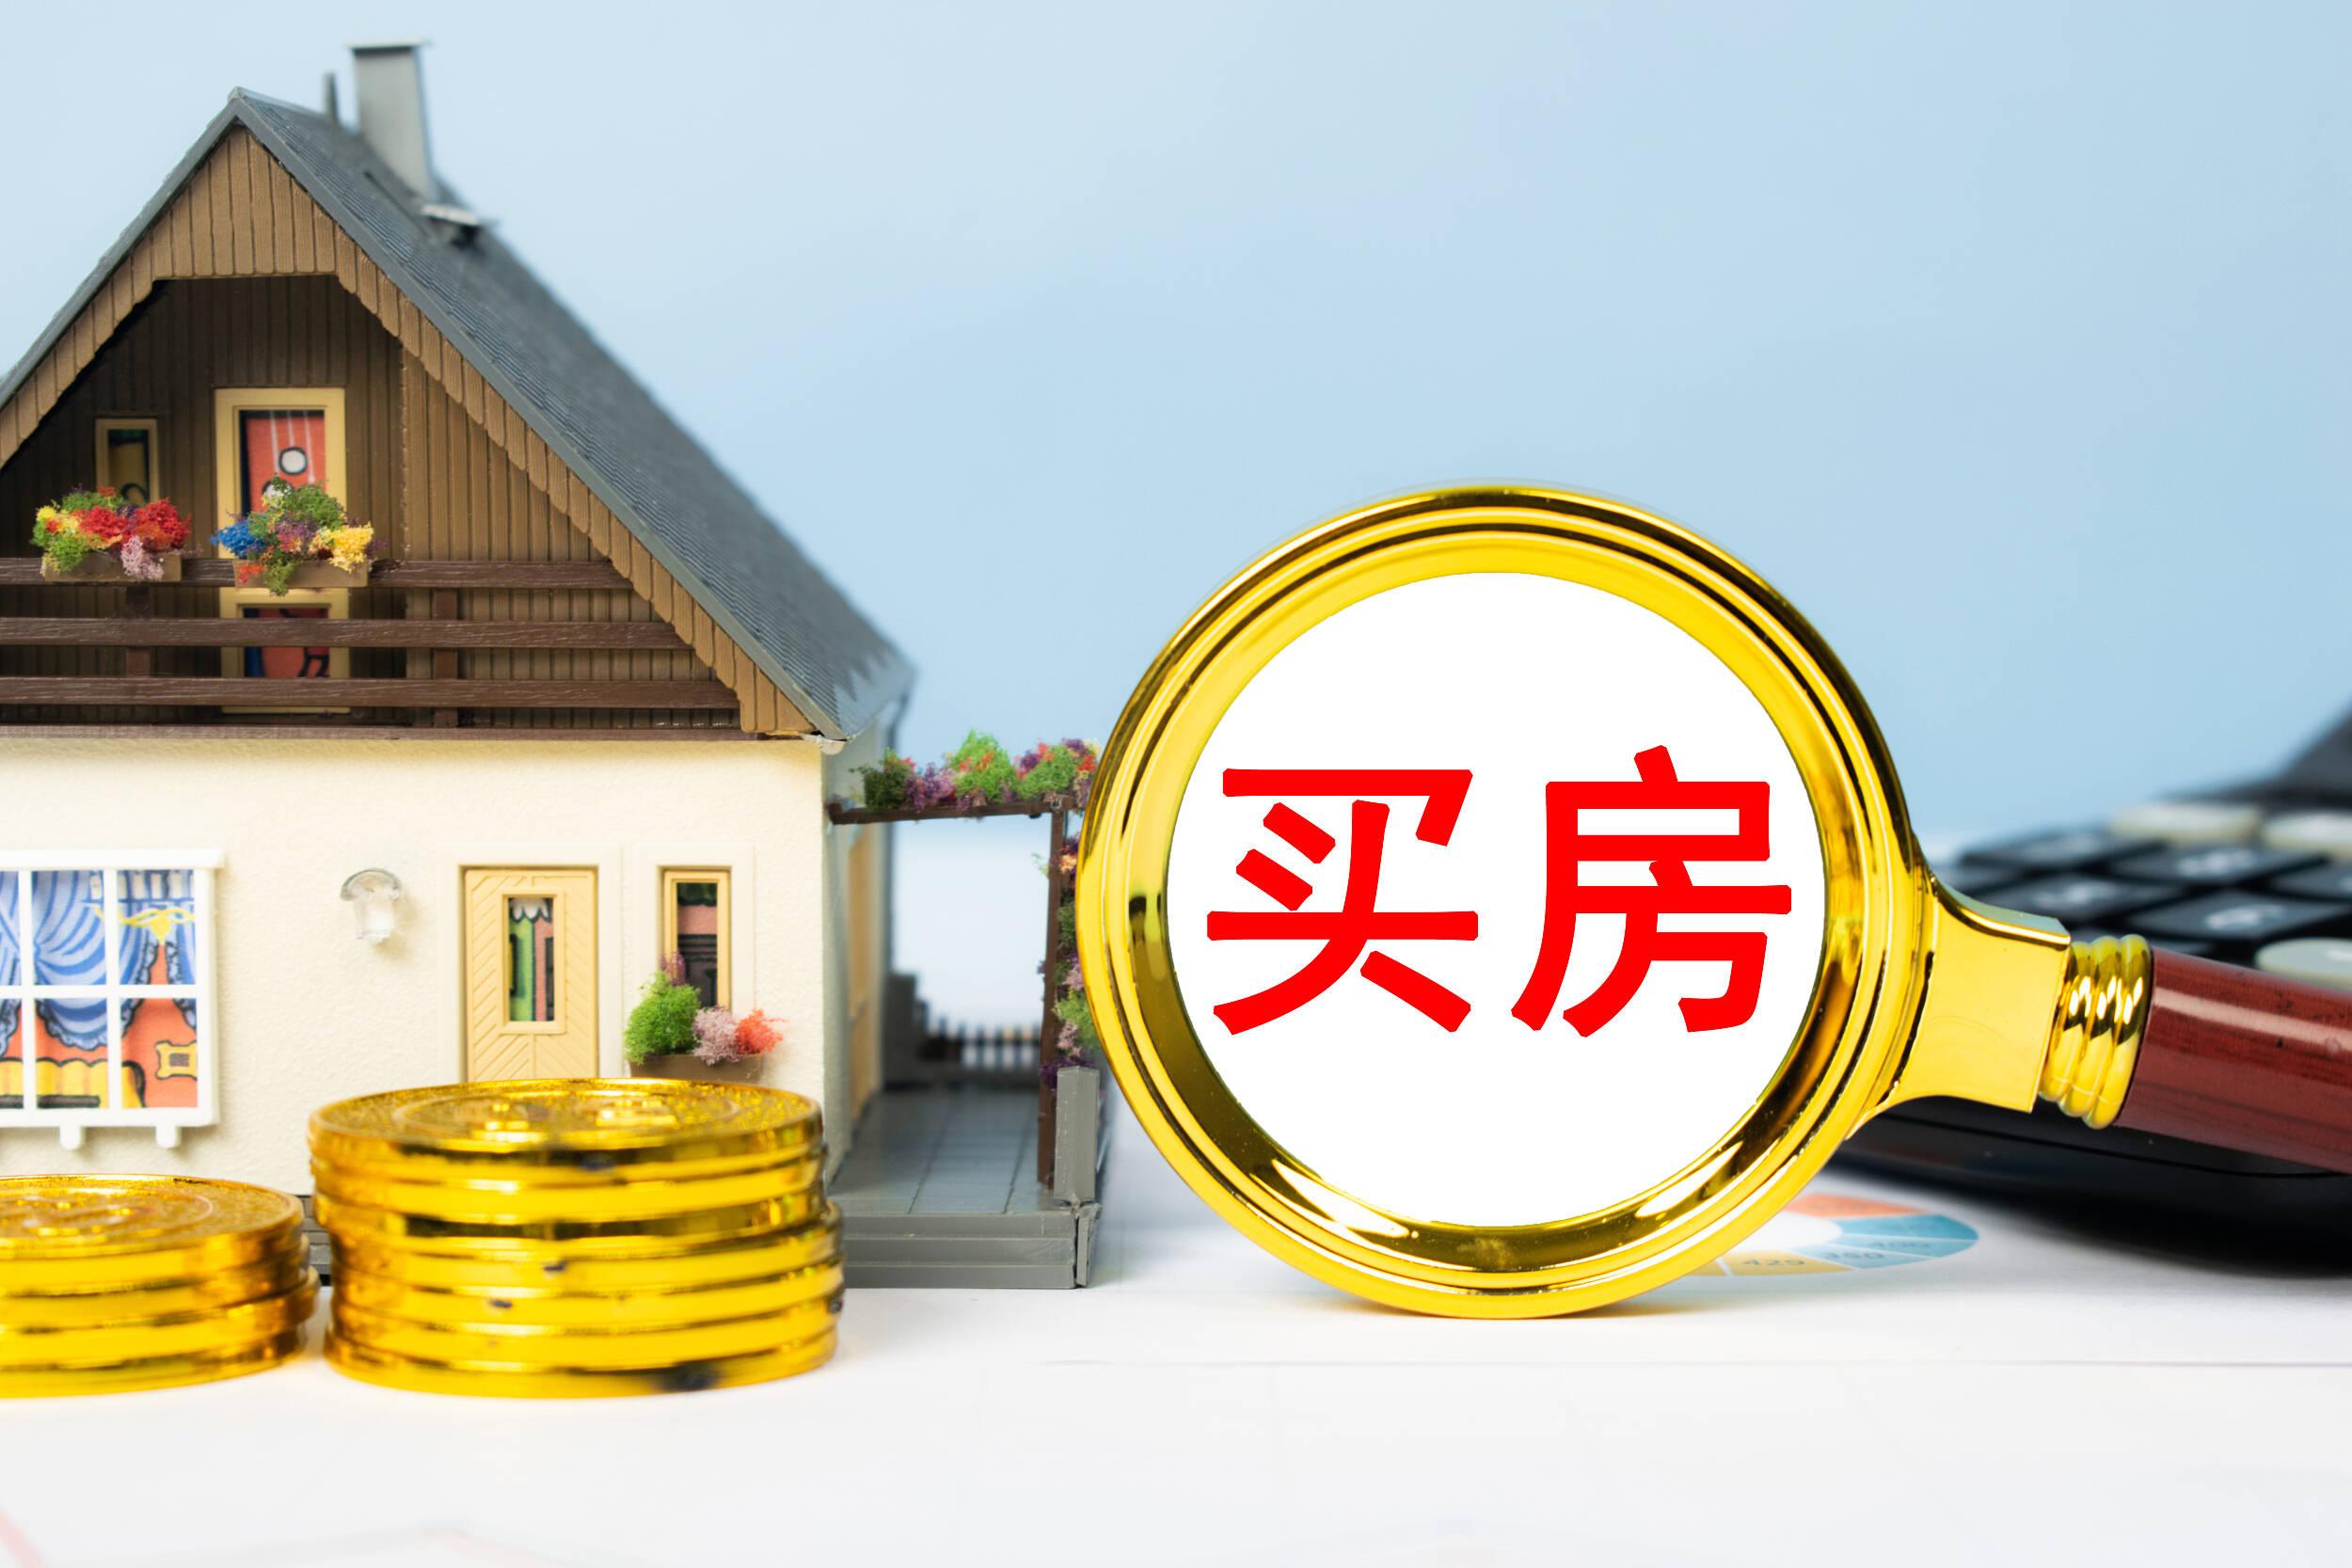 住建部:保持房地产调控定力